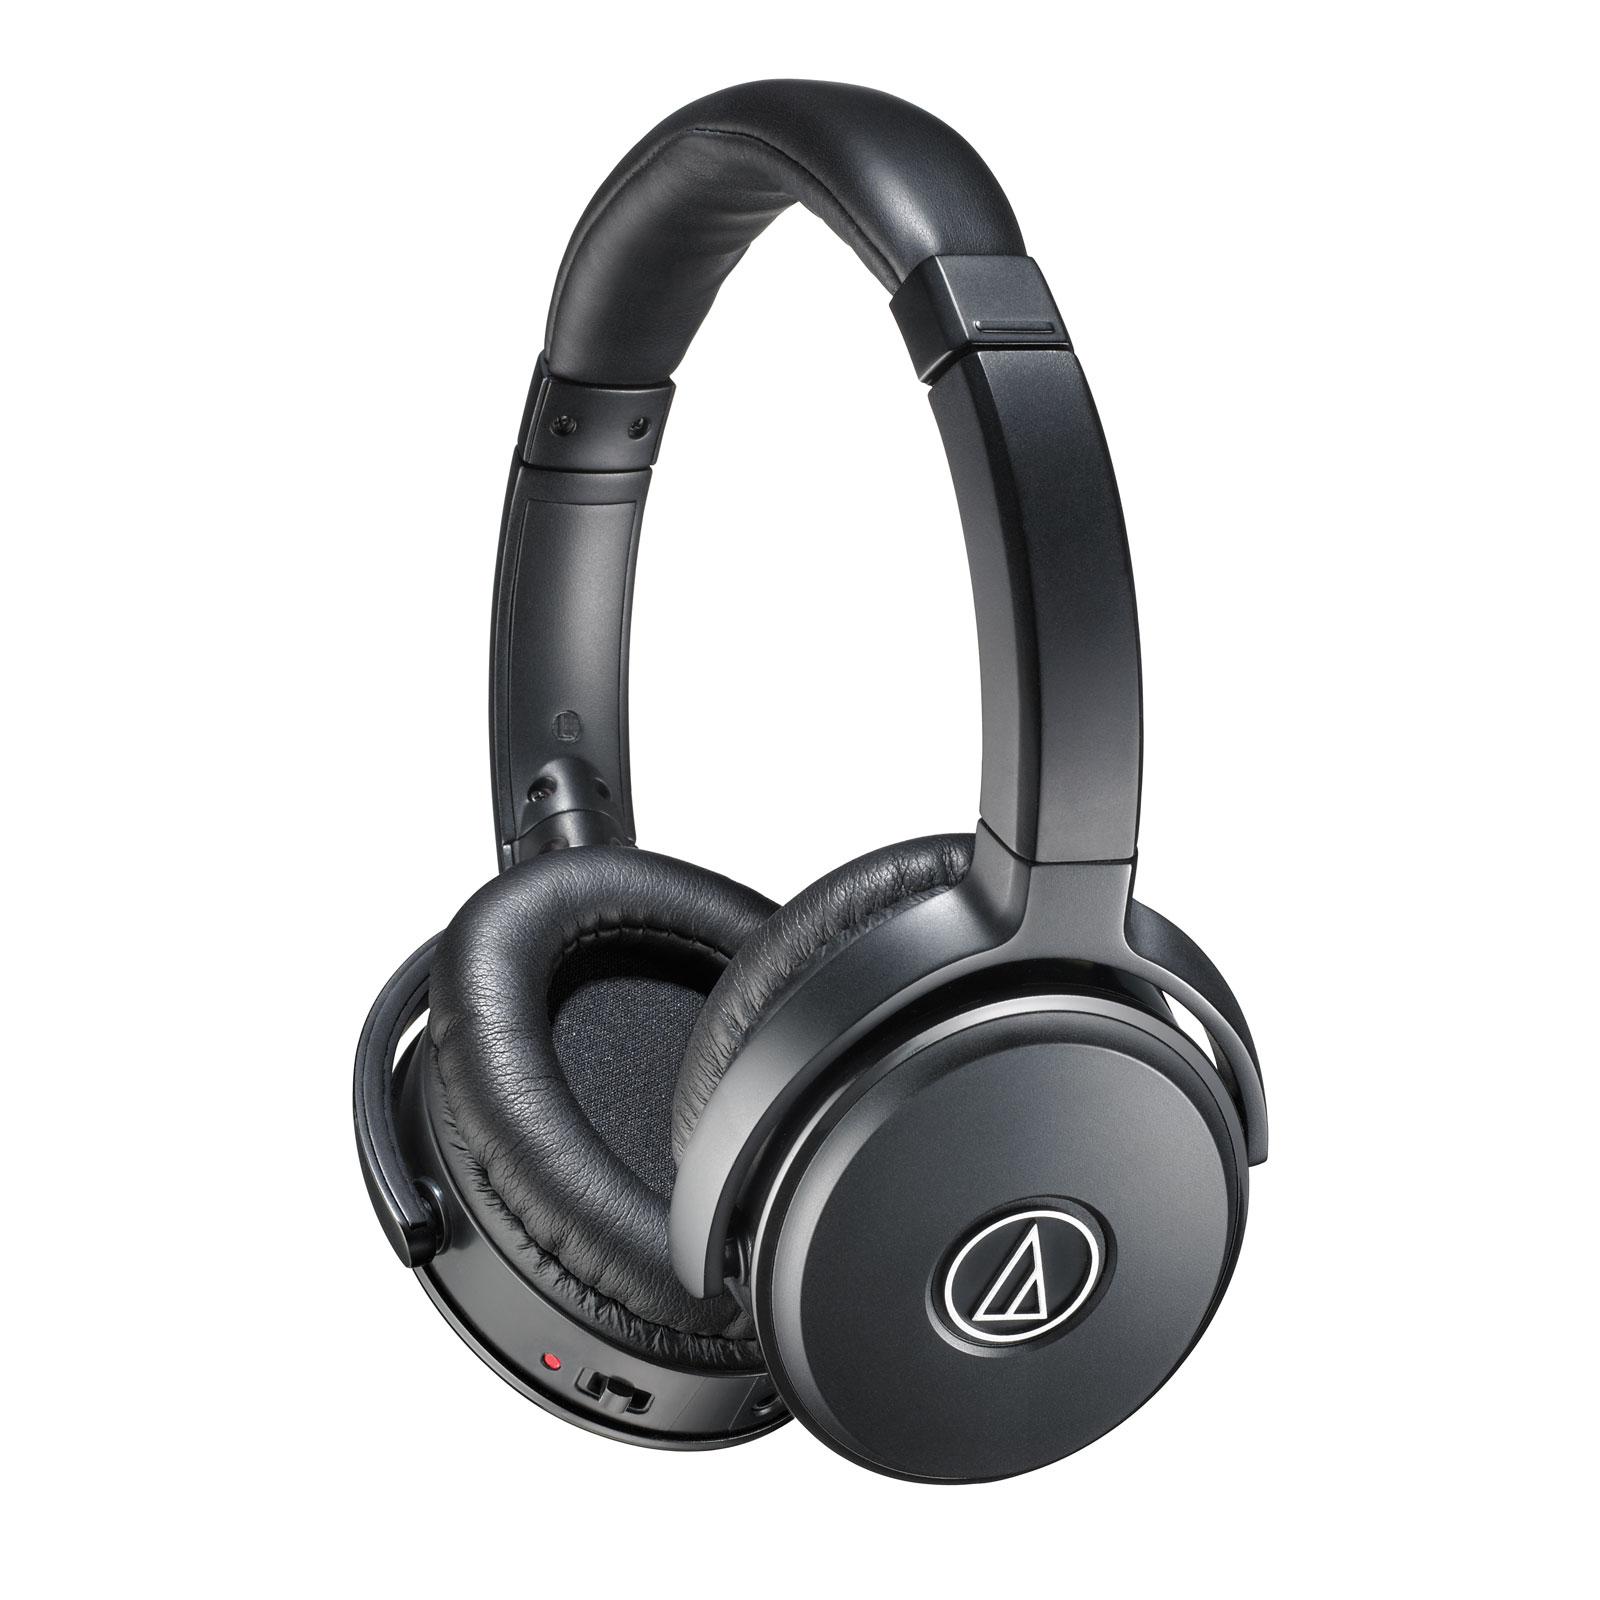 audio technica ath anc50is casque audio technica sur ldlc com